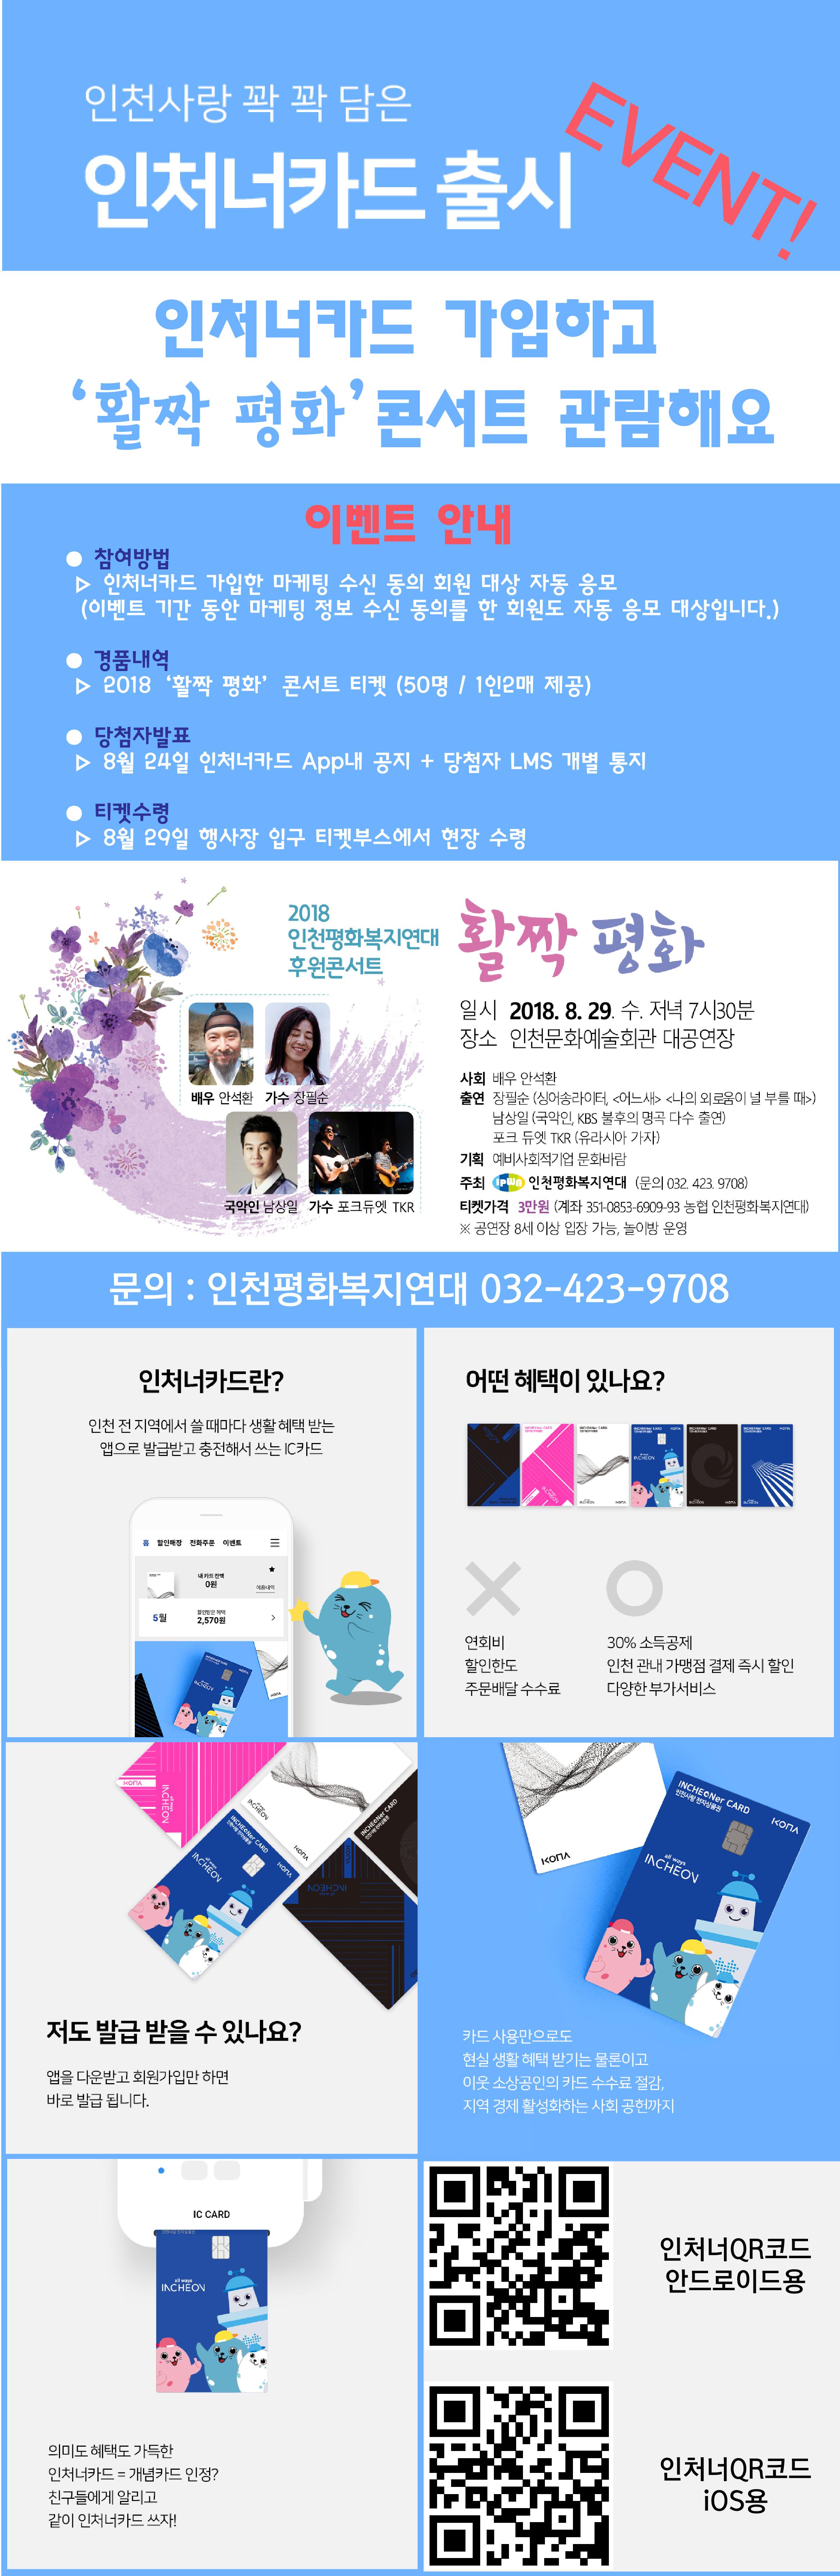 인처너카드 이벤트 홍보03.png